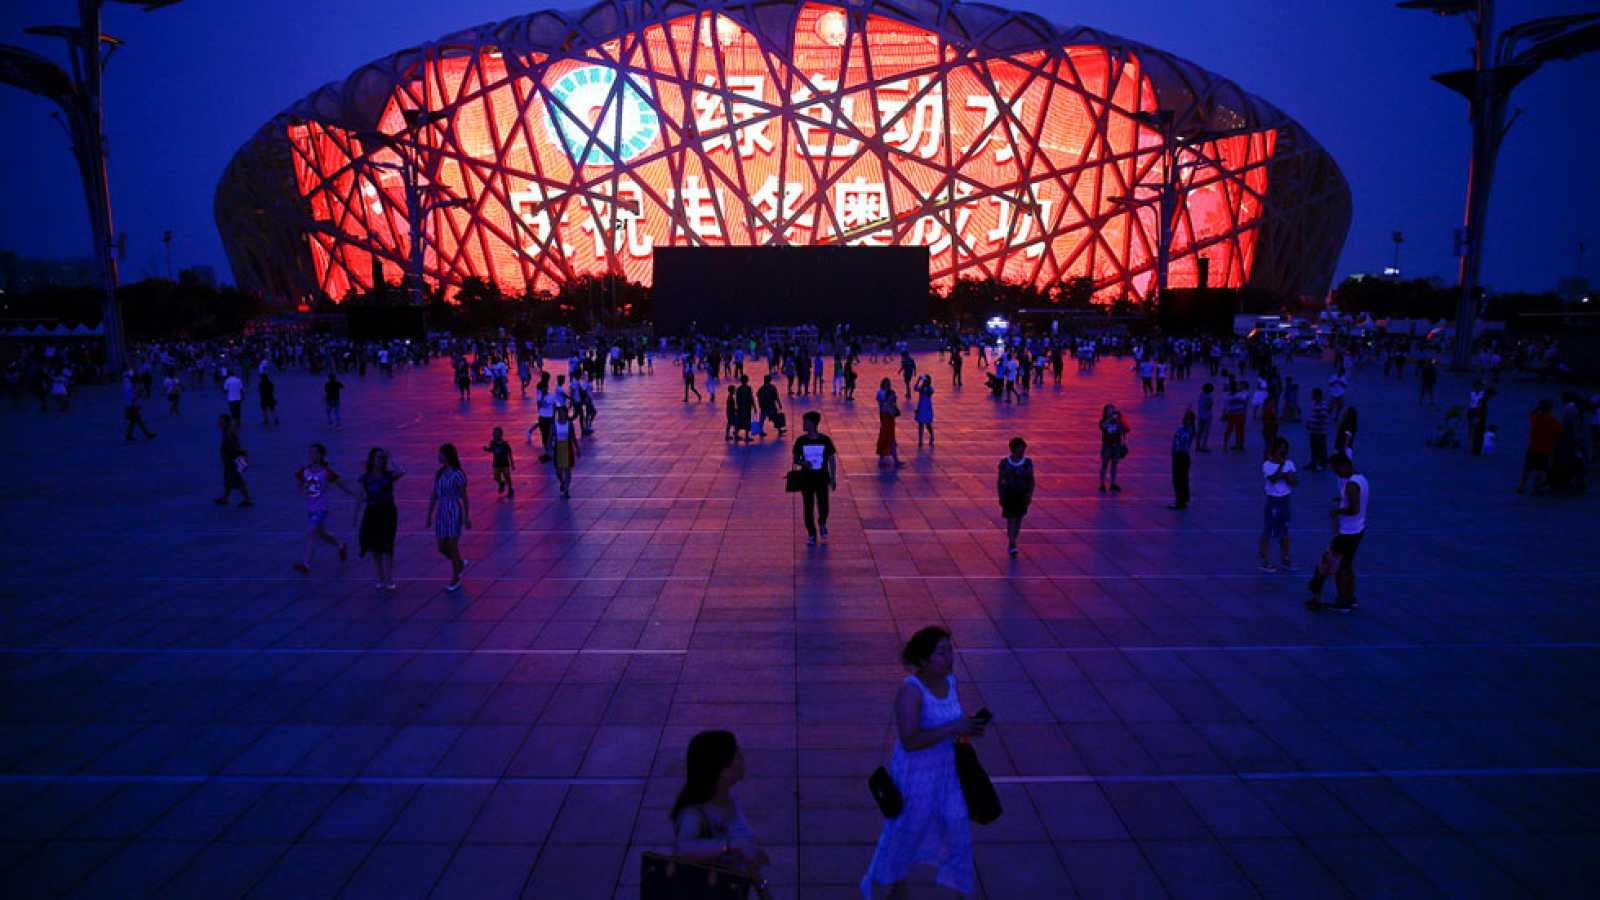 Olimpismo Pekin Sede De Los Juegos Olimpicos De Invierno De 2022